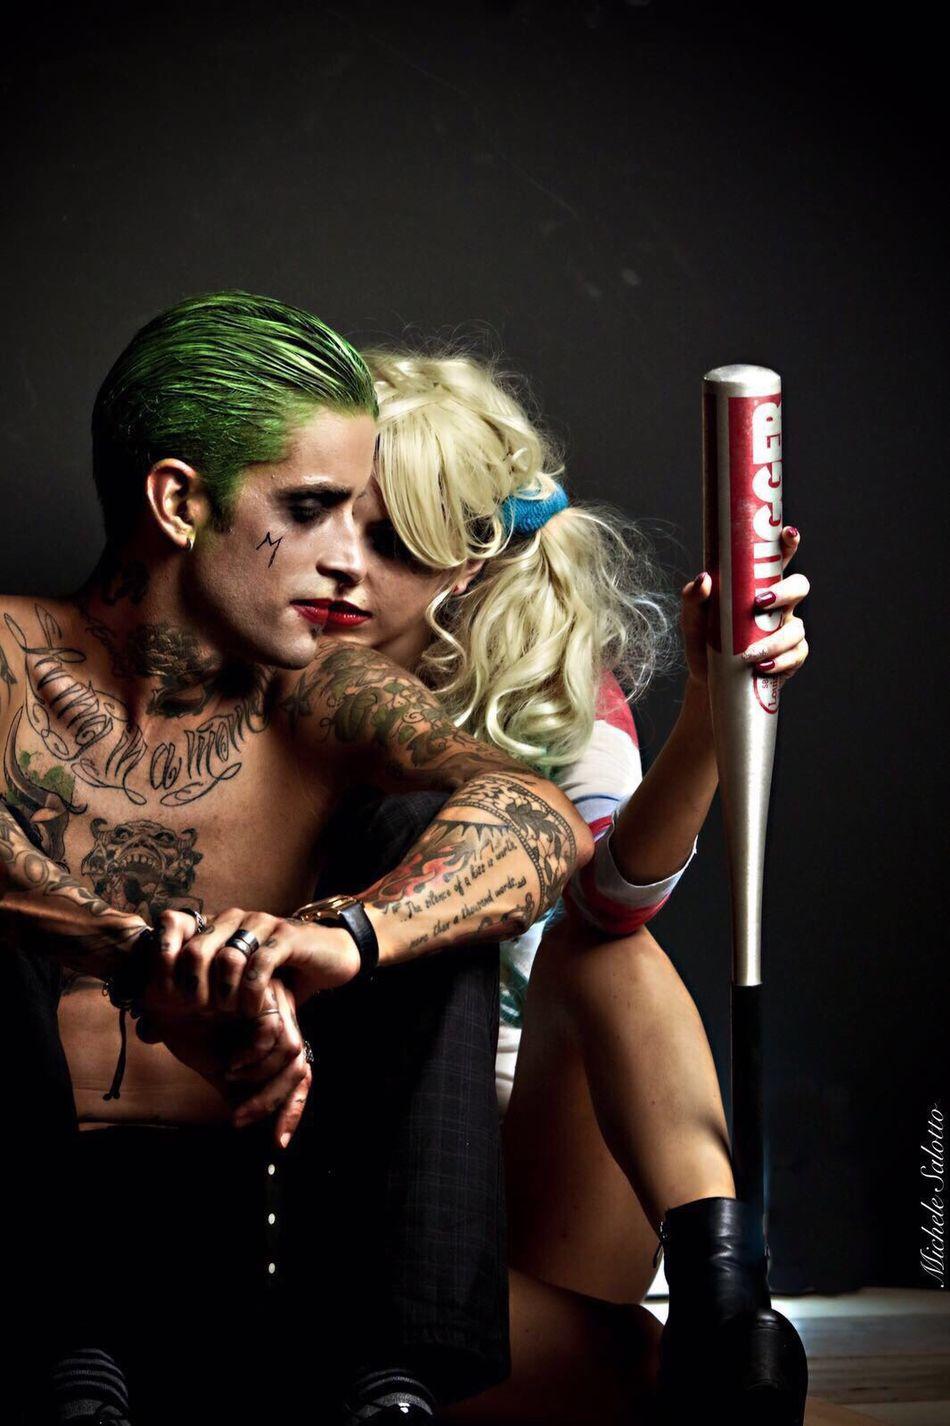 Joker harley J&R lips